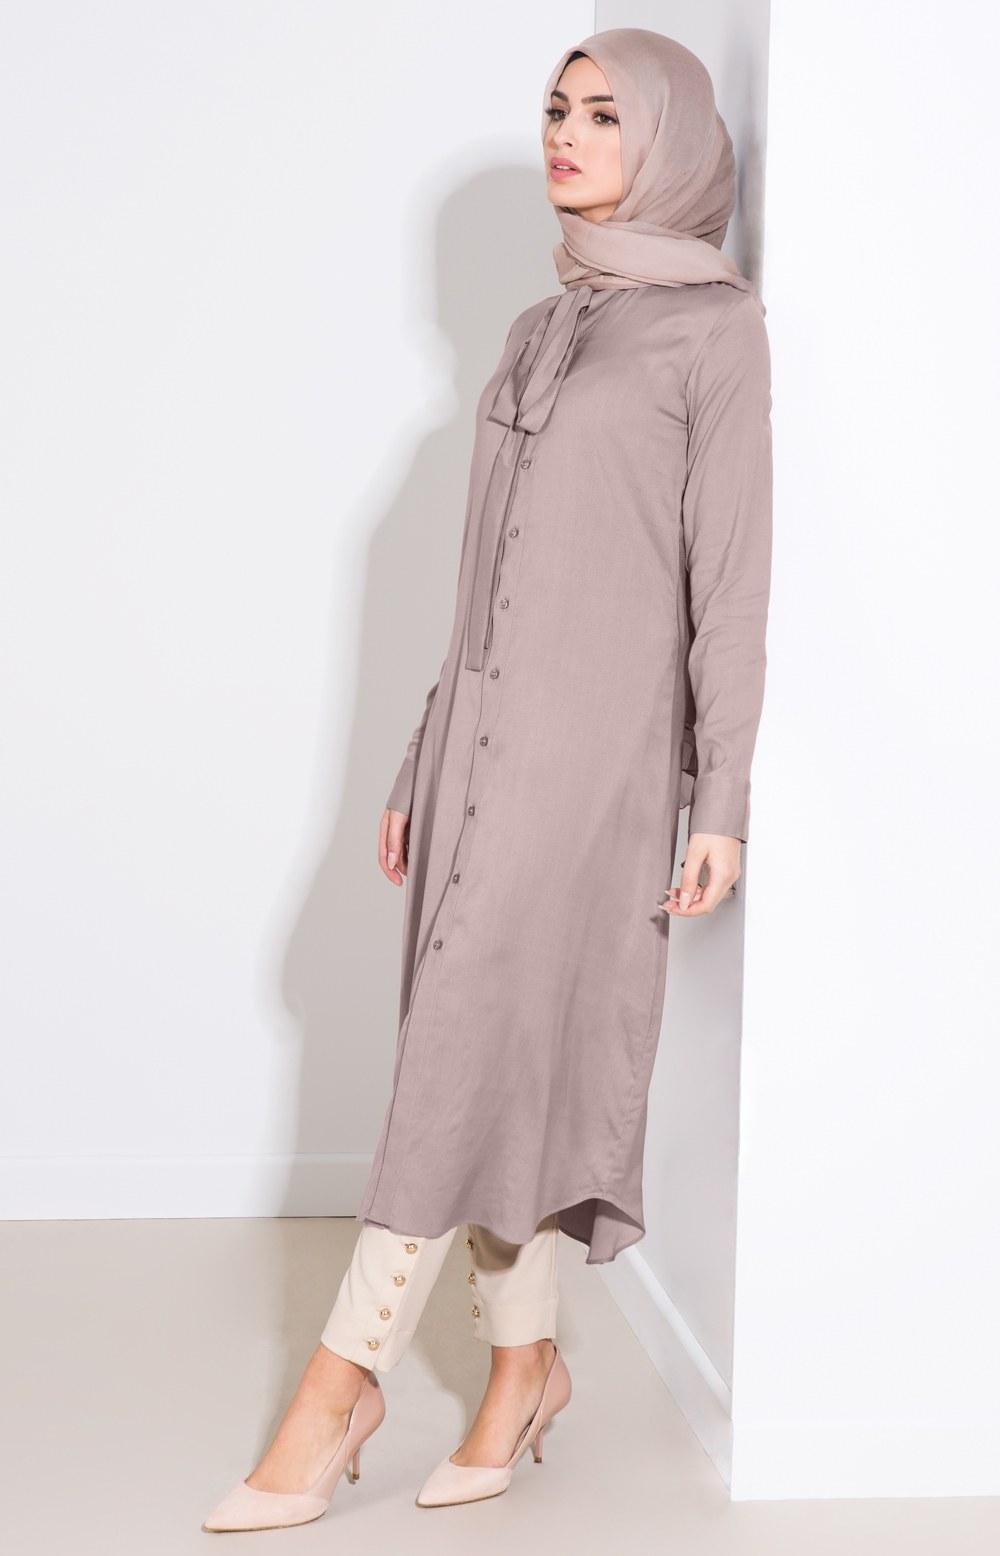 Bentuk Model Baju Lebaran Thn Ini 0gdr 25 Trend Model Baju Muslim Lebaran 2018 Simple & Modis